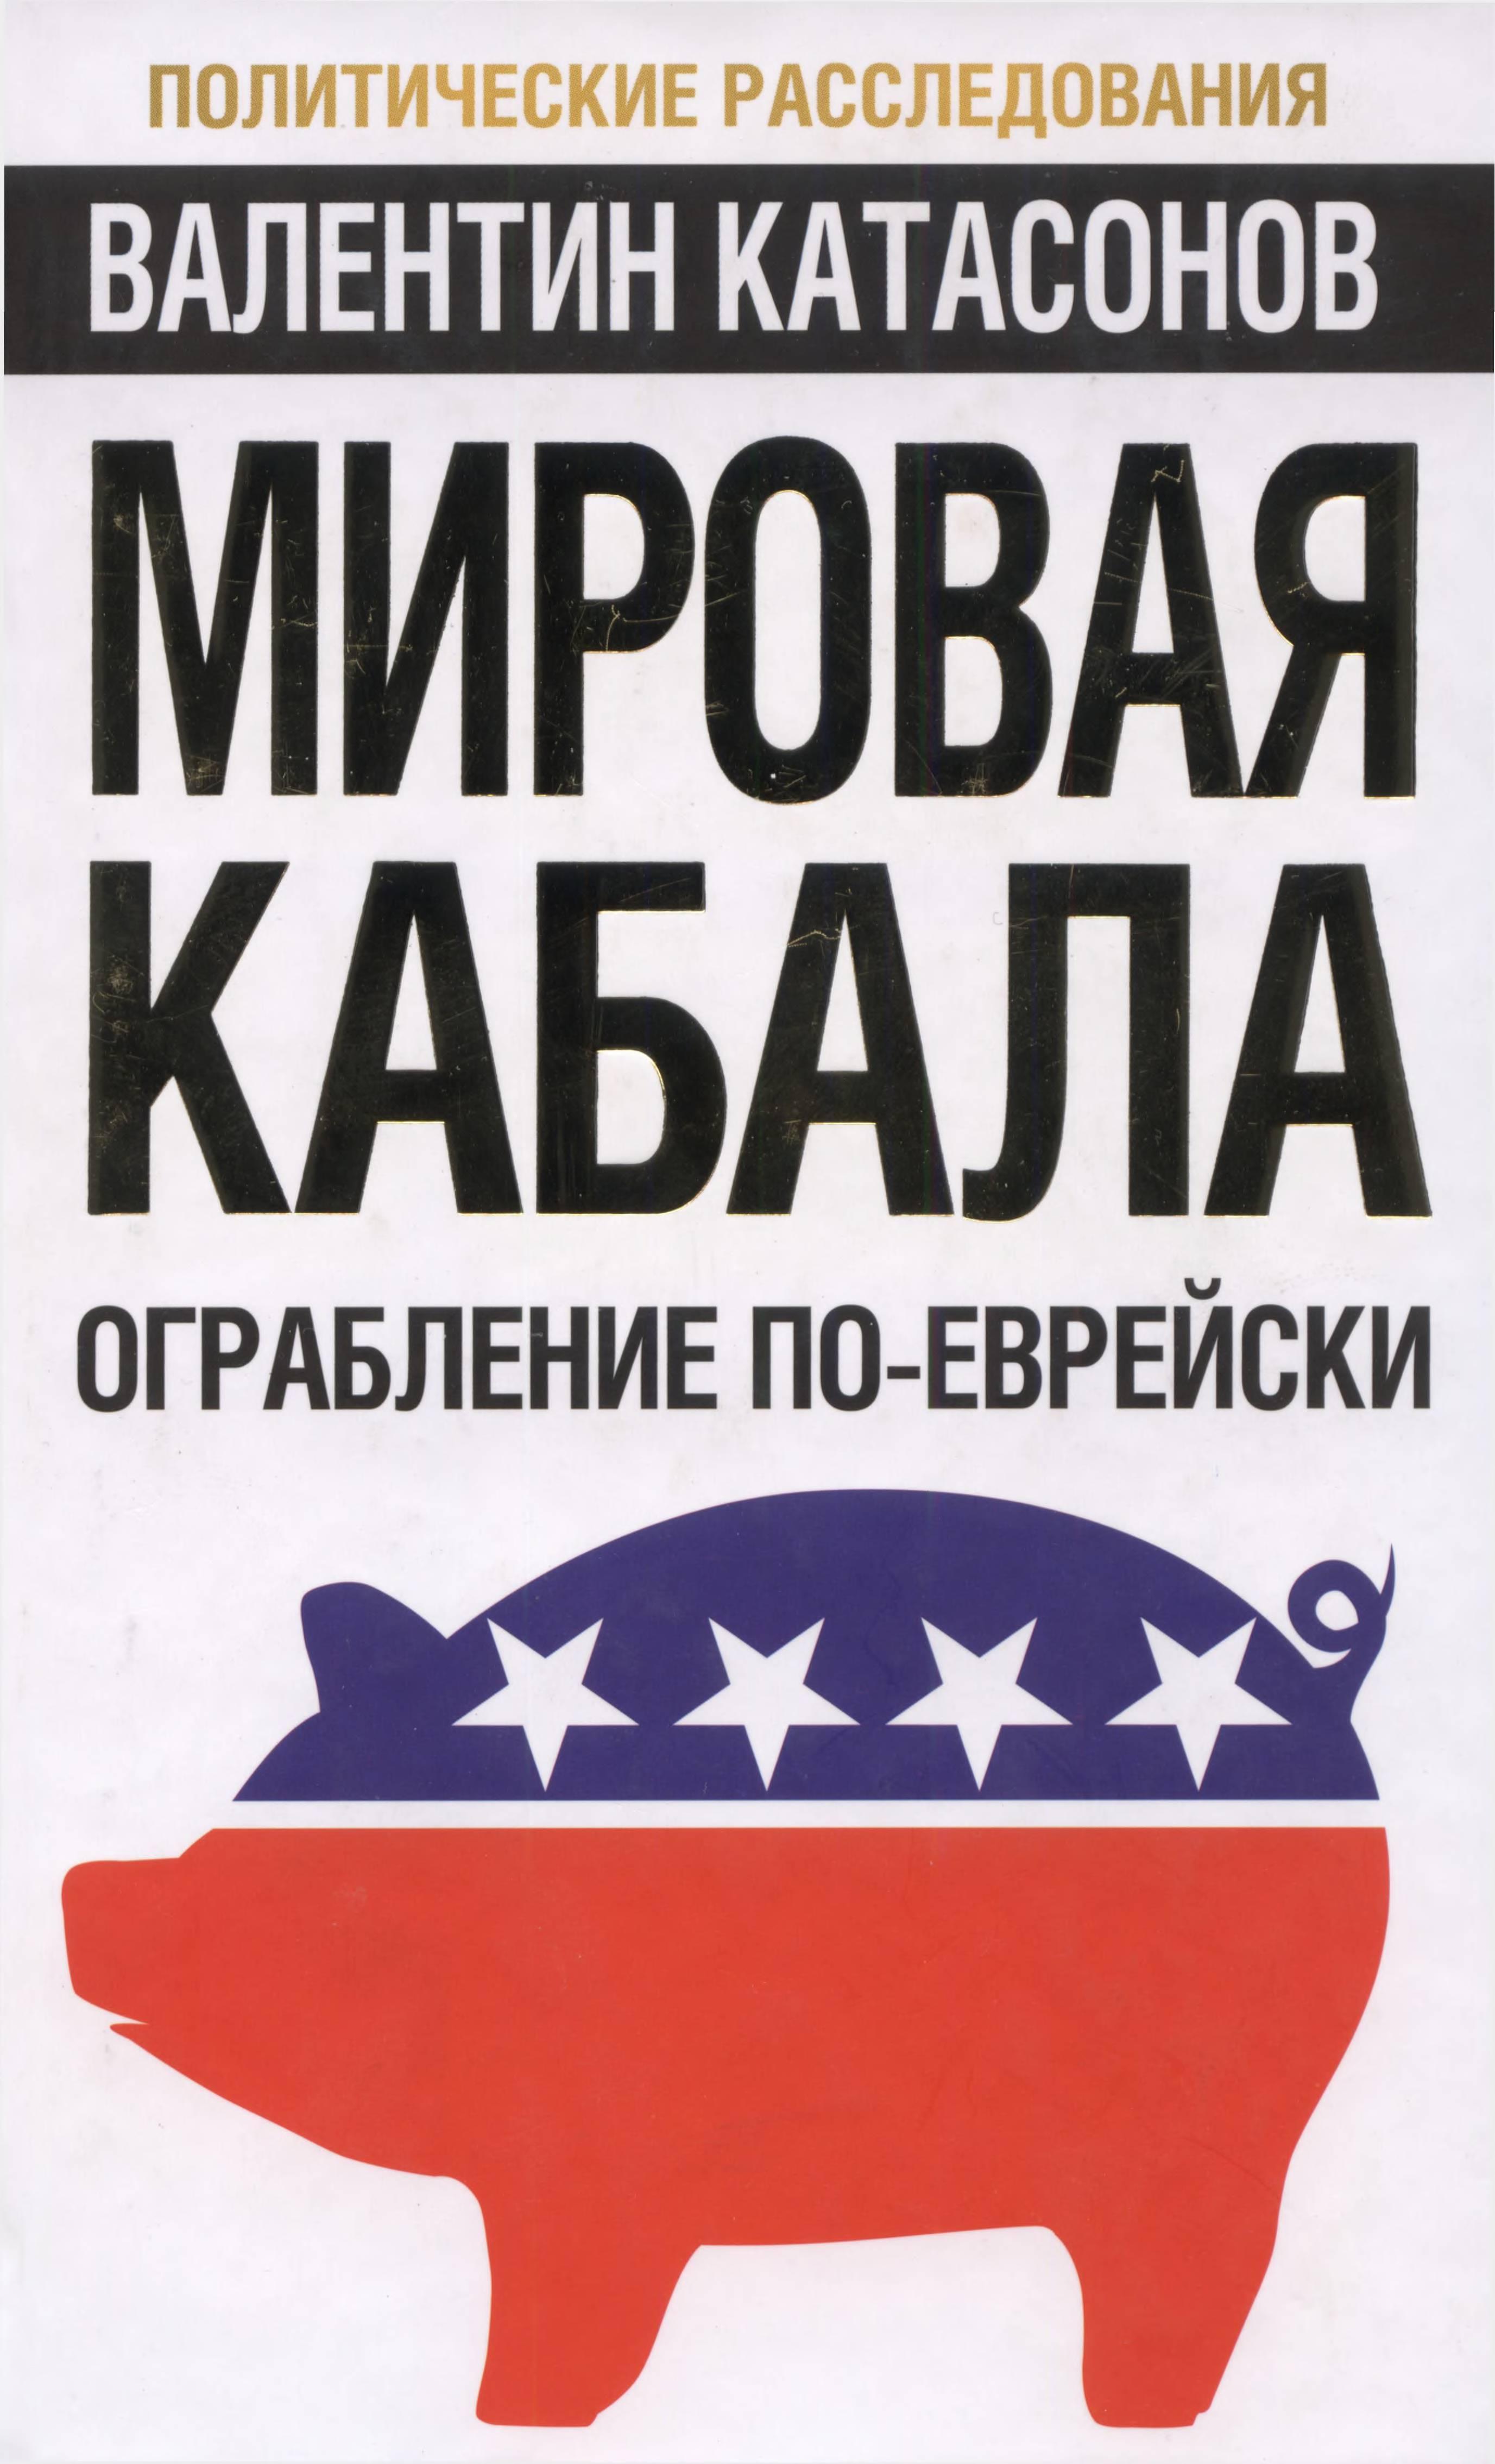 Катасонов валентин юрьевич книги скачать fb2